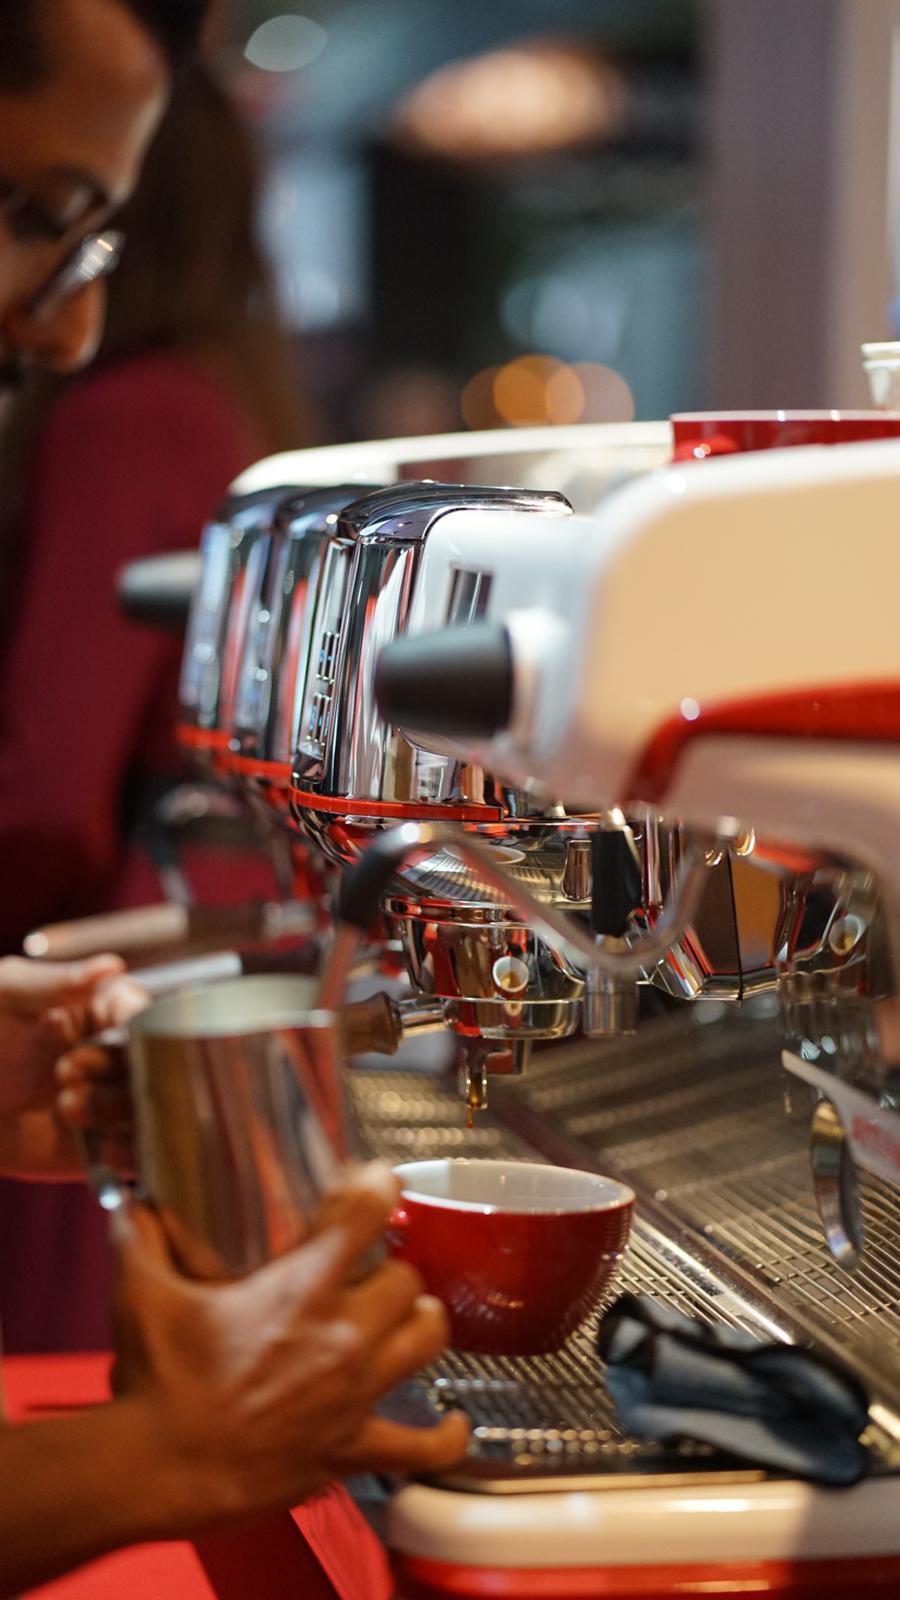 La Cimbali M100 Attiva espresso